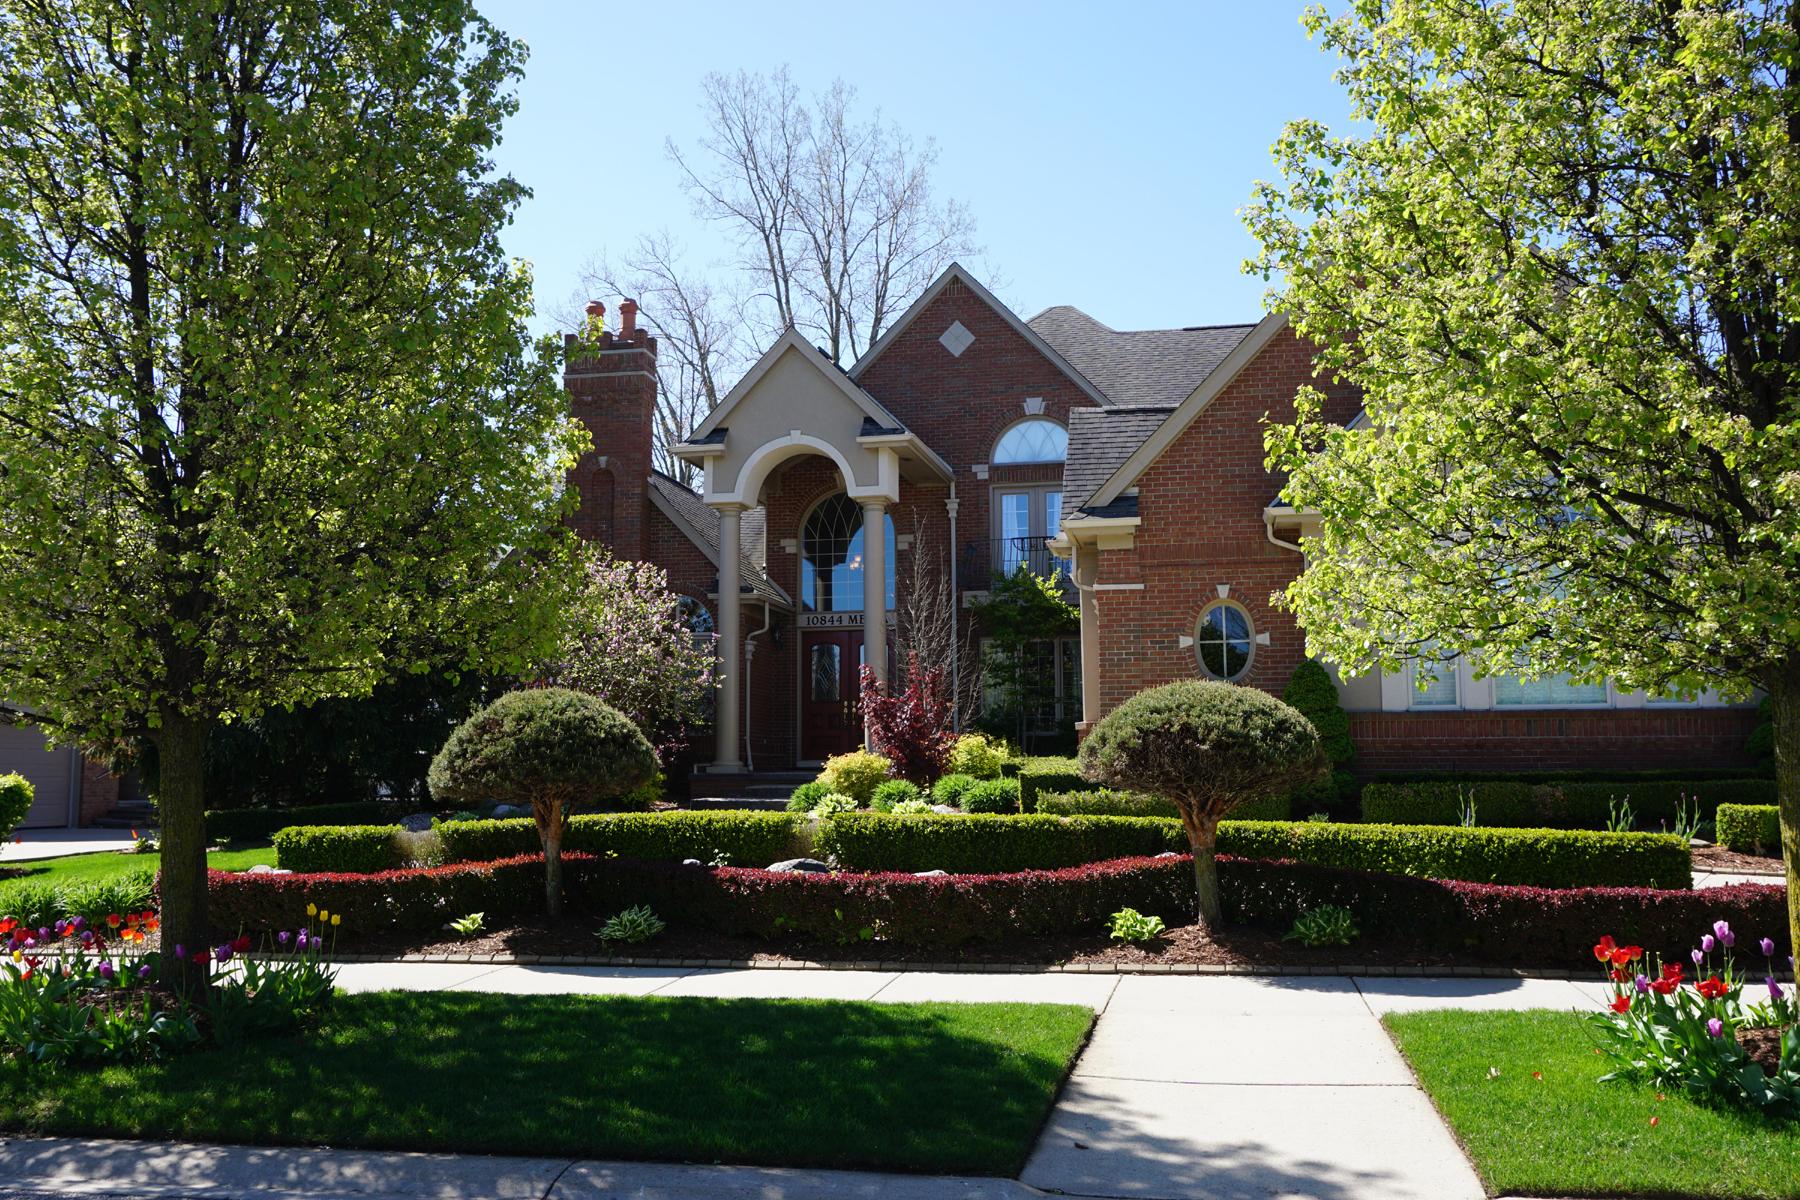 独户住宅 为 销售 在 Shelby Township 10844 Melia Drive 谢尔比镇, 密歇根州, 48315 美国